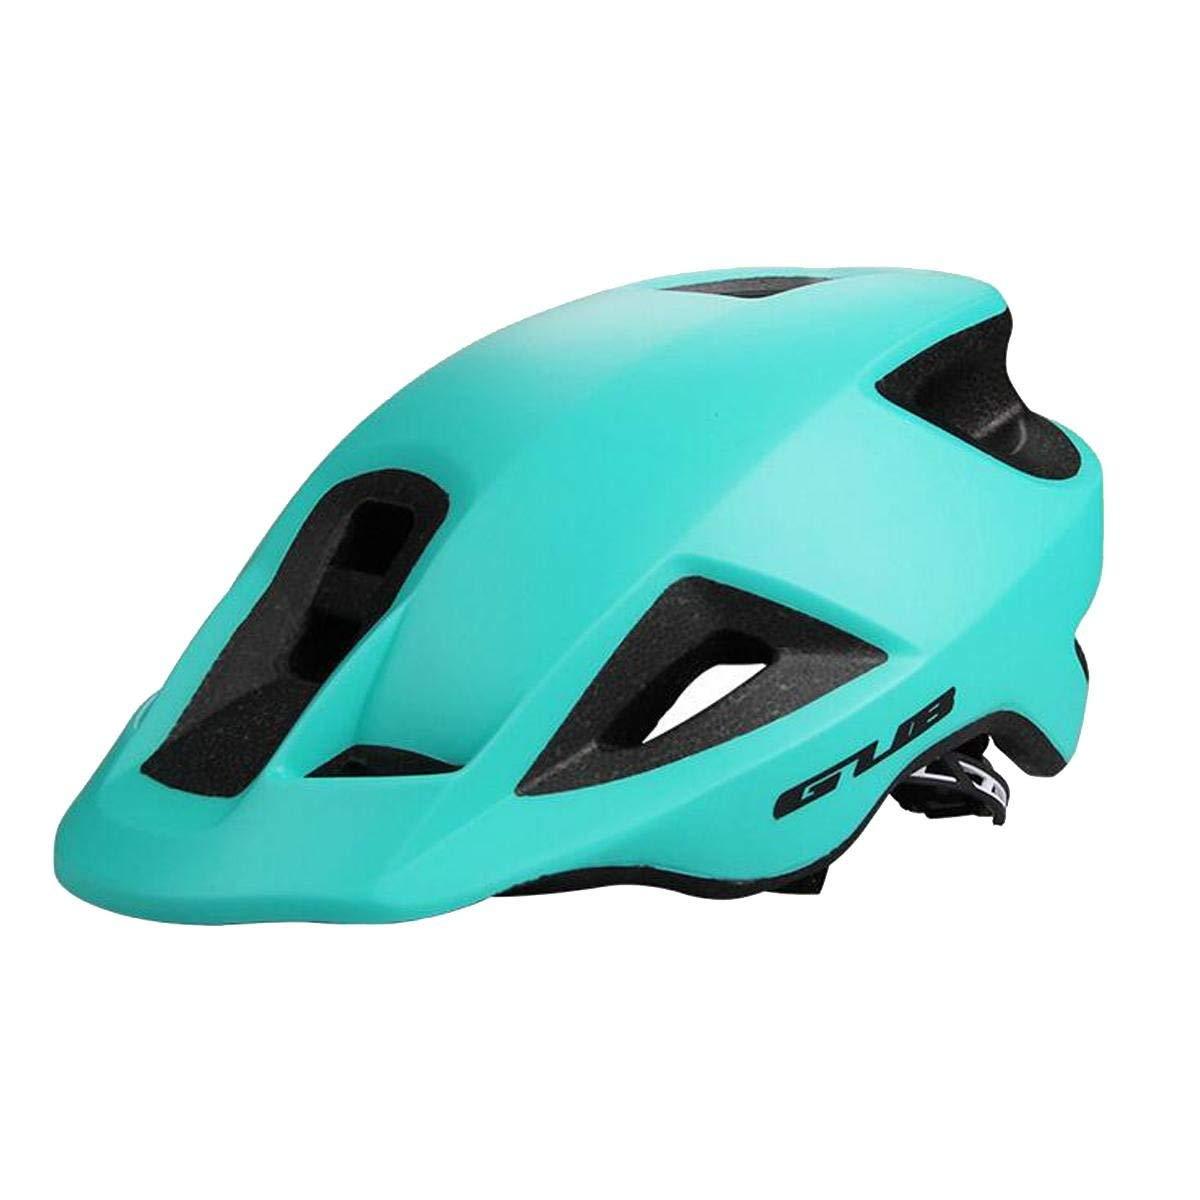 サイクリング自転車用ヘルメット 男性女性サイクリング自転車ヘルメット、一体成形自転車ヘルメット安全ヘルメットロードマウンテン地形自転車専用 スポーツ用保護ヘルメット (色 : 青) B07MJFGCCS 青